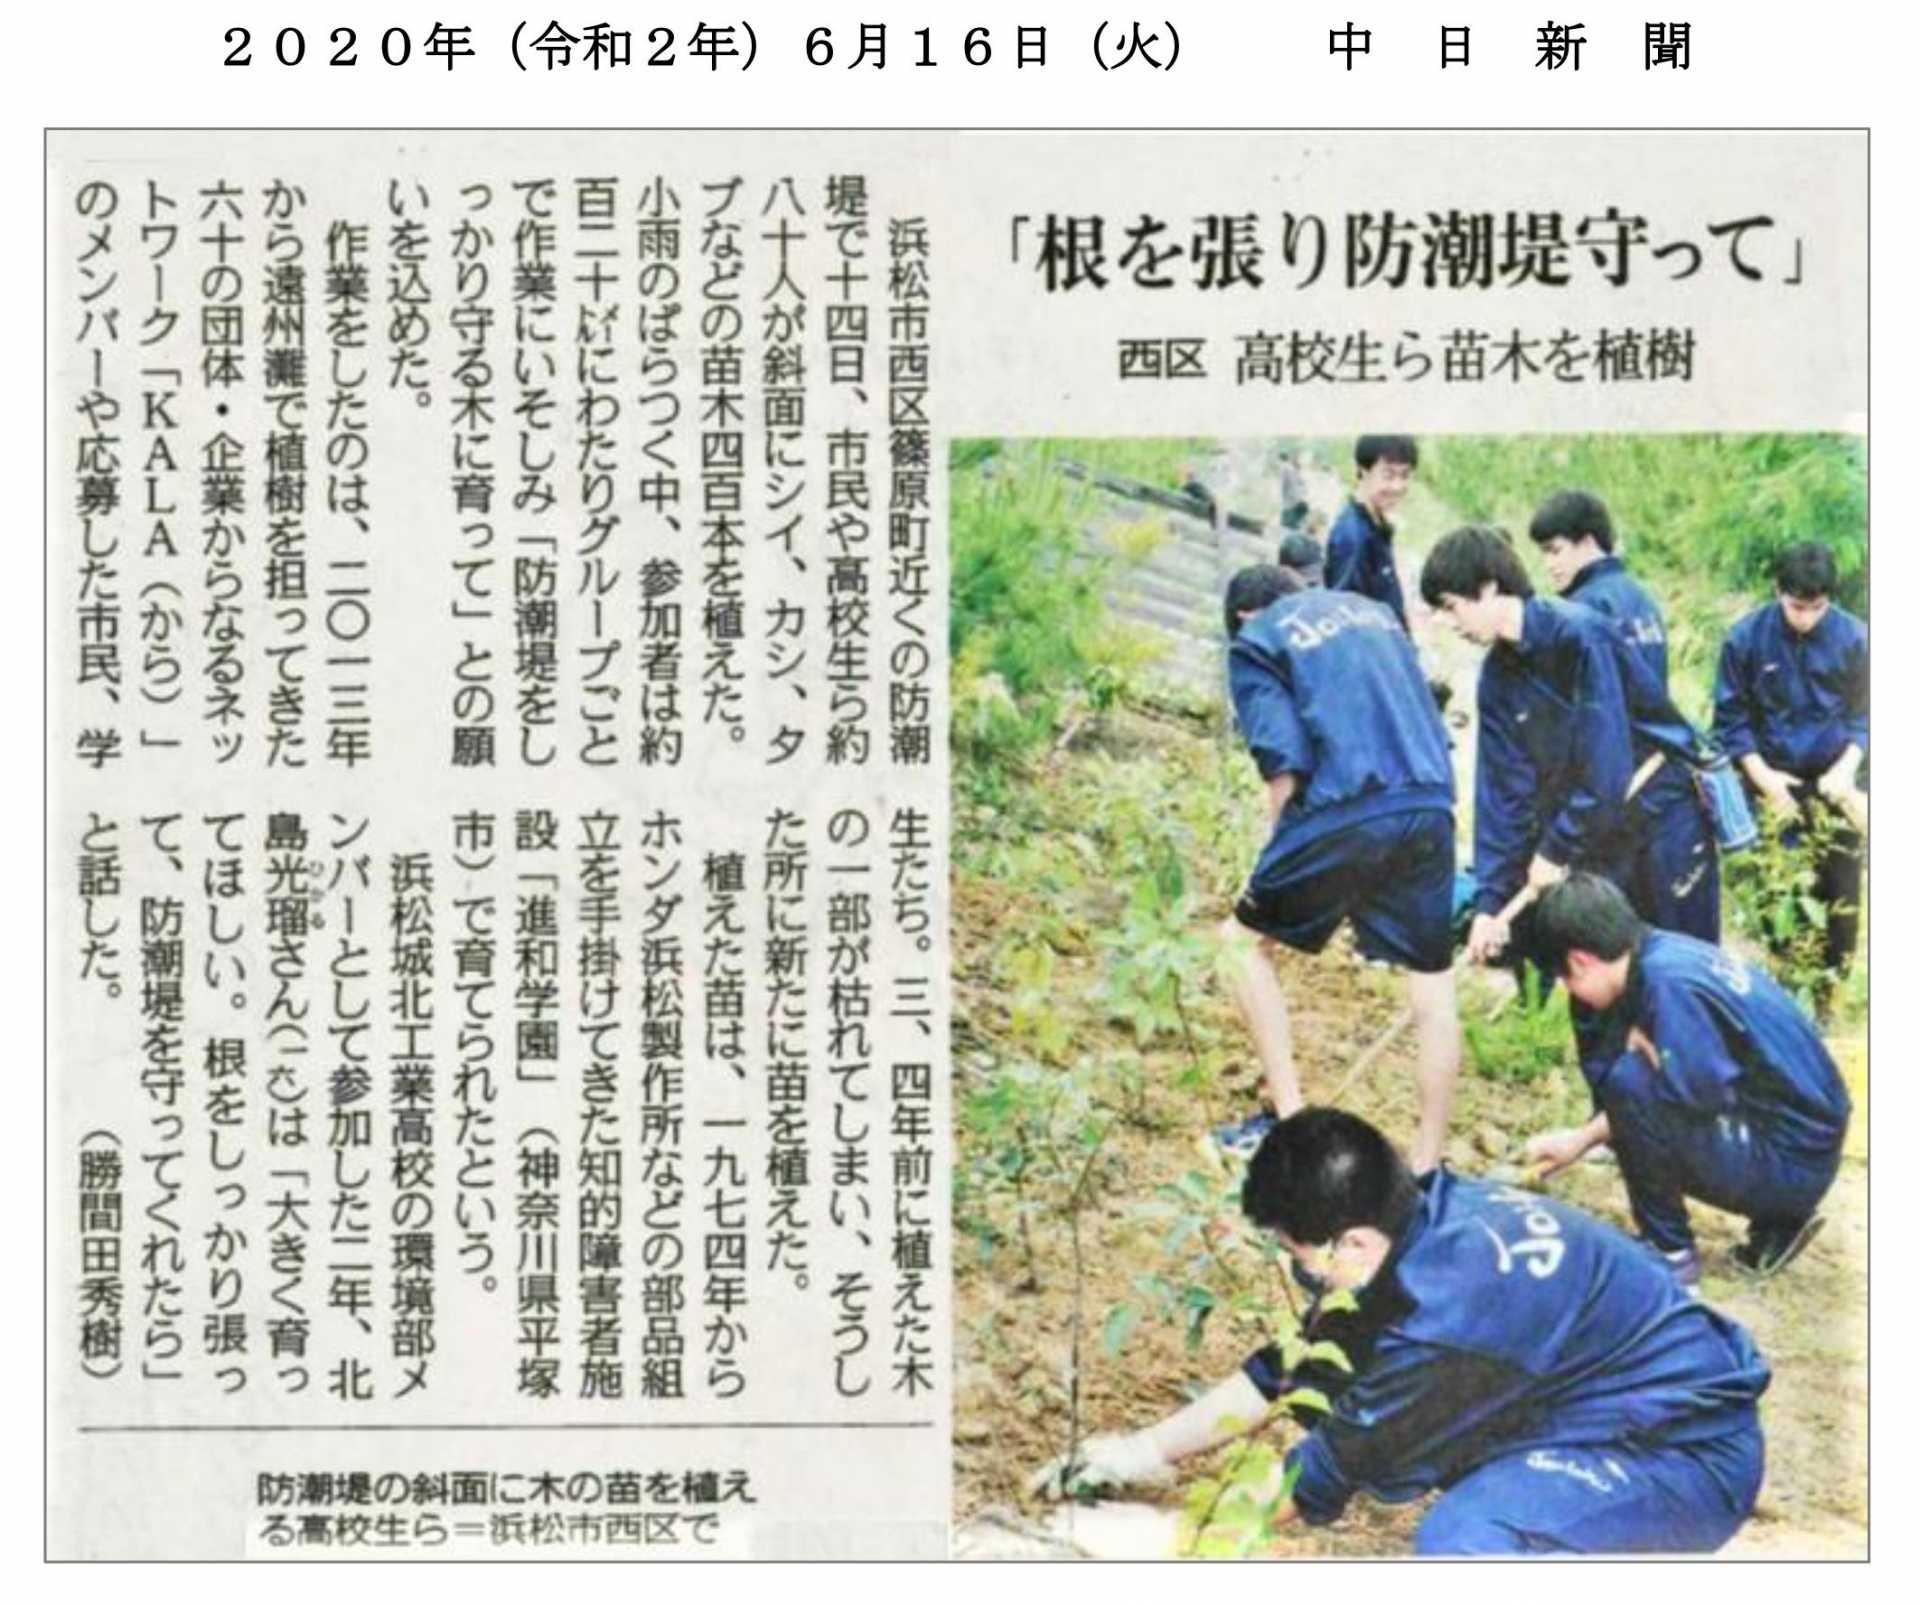 中日新聞に記事掲載/浜松の防潮林に進和学園の苗木を植樹!